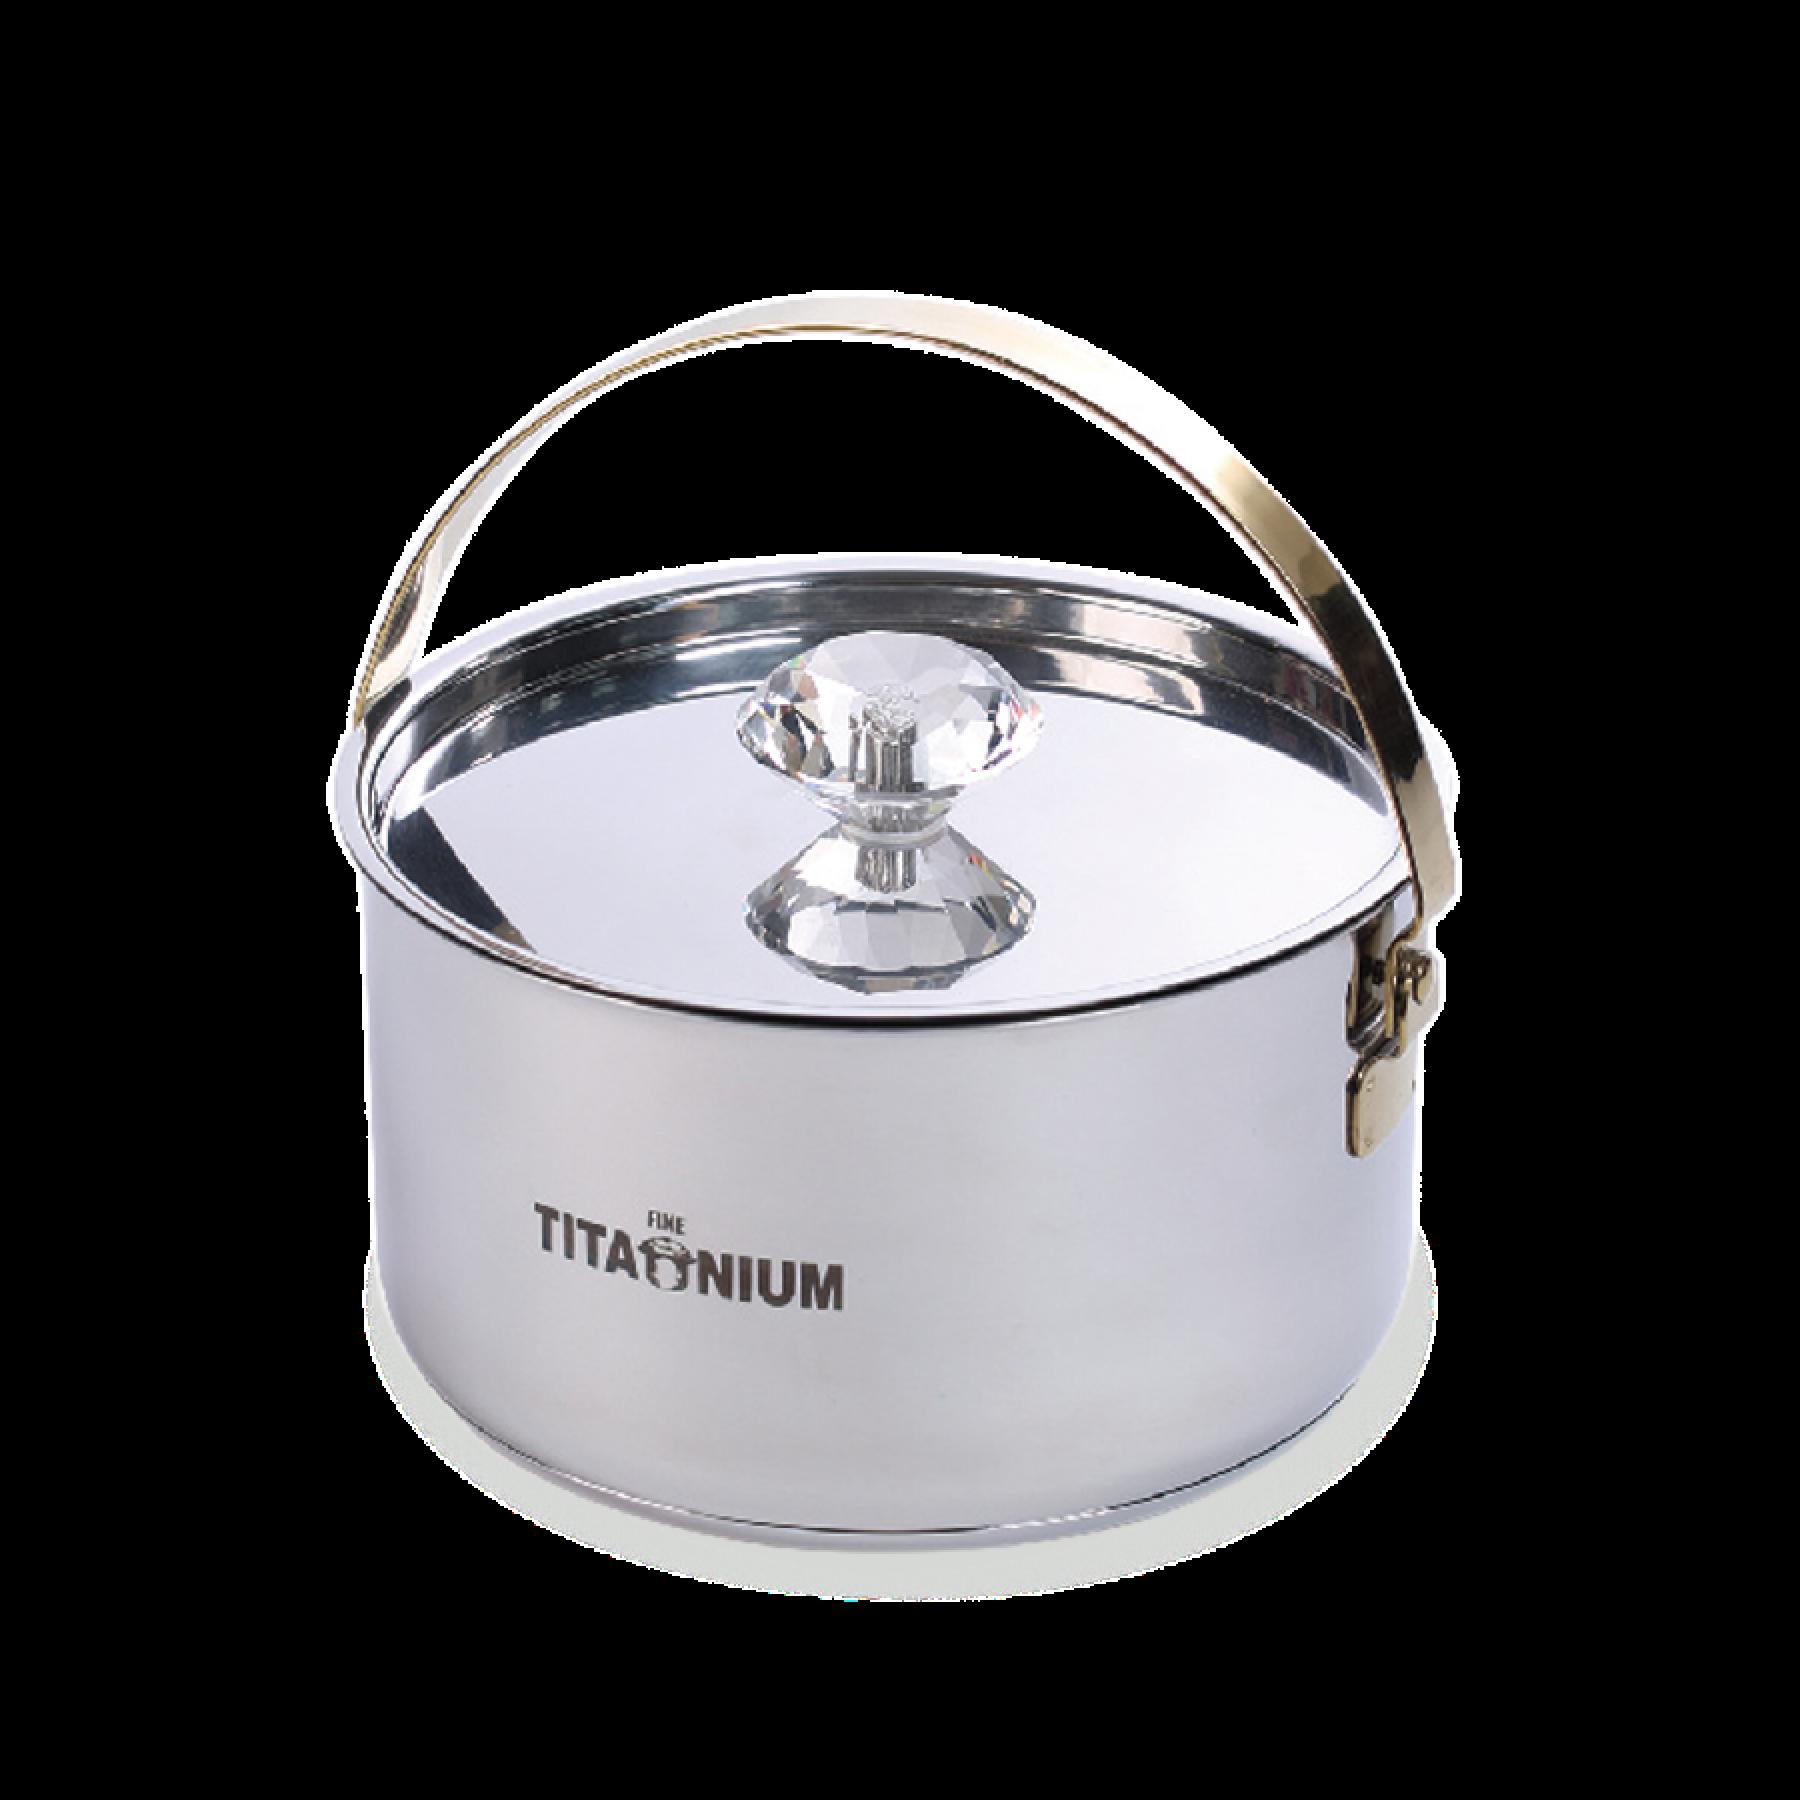 鈦鑽調理鍋(18cm)